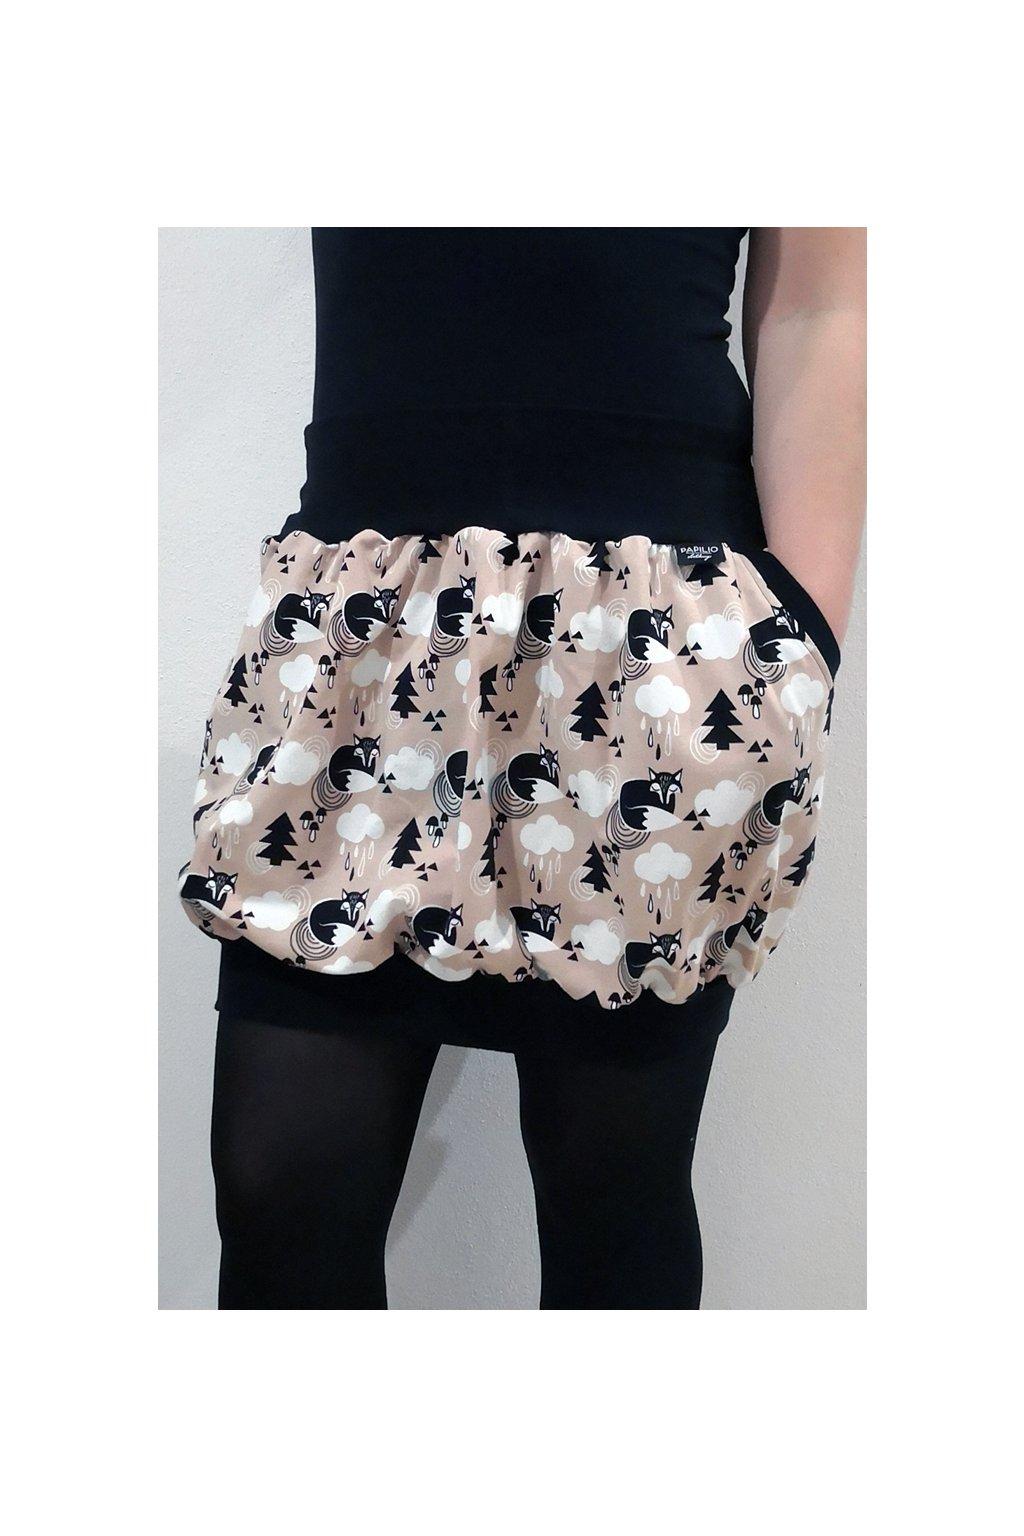 SKLADEM - Balonová sukně do nápletu LIŠKA, velikost uni, délka 44 cm | bavlněný úplet